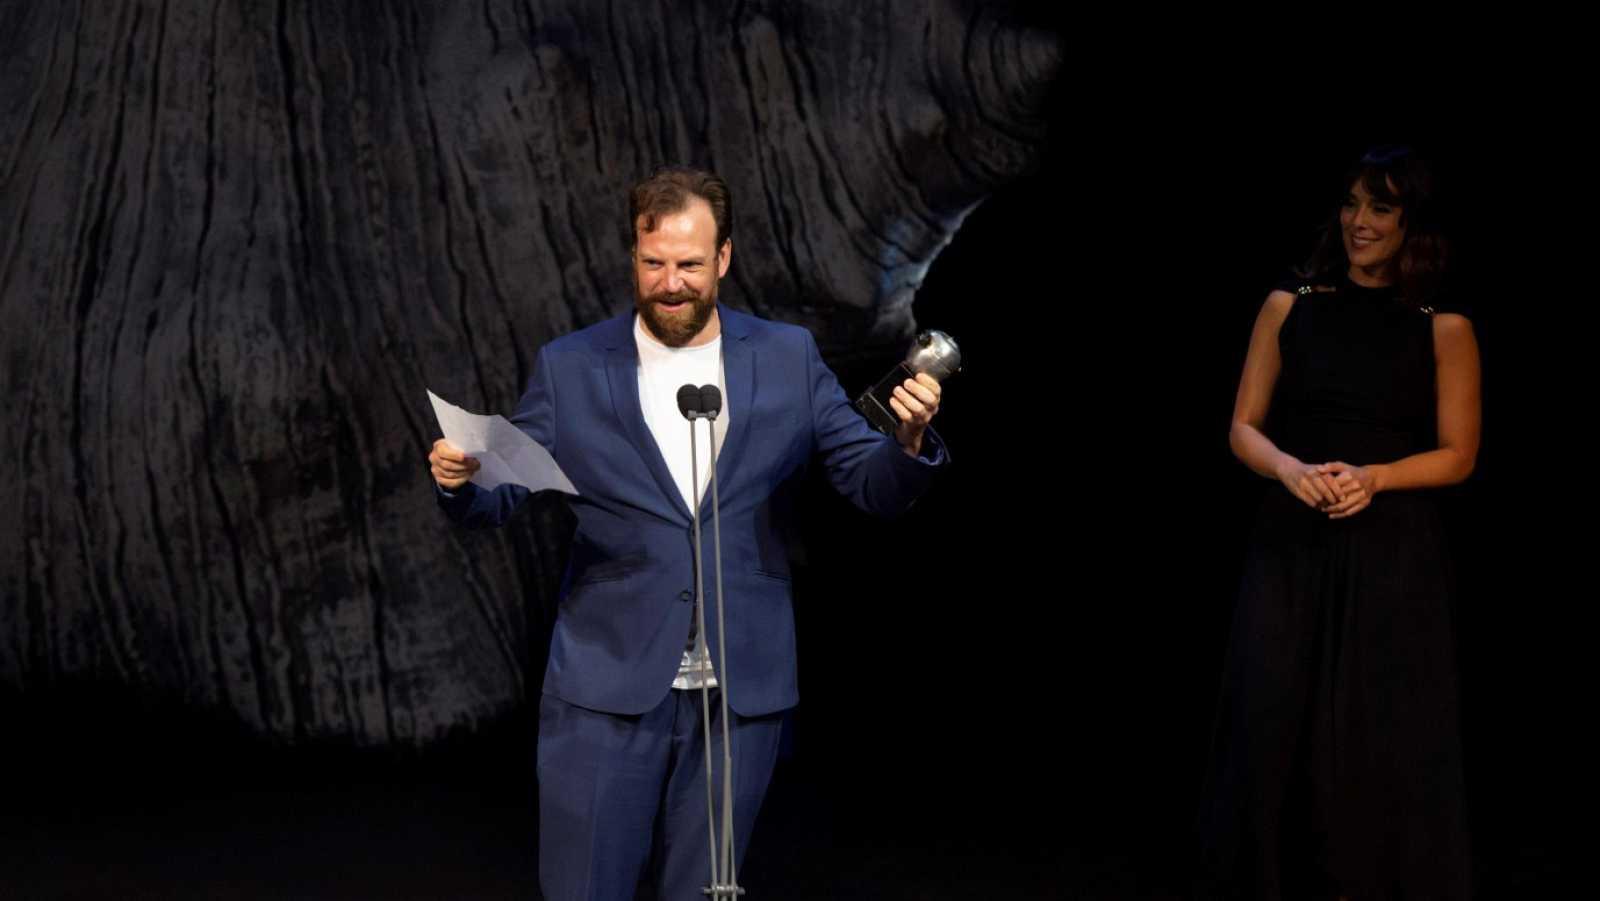 'Jauría', la obra de teatro sobre La Manada, triunfa en los premios Max